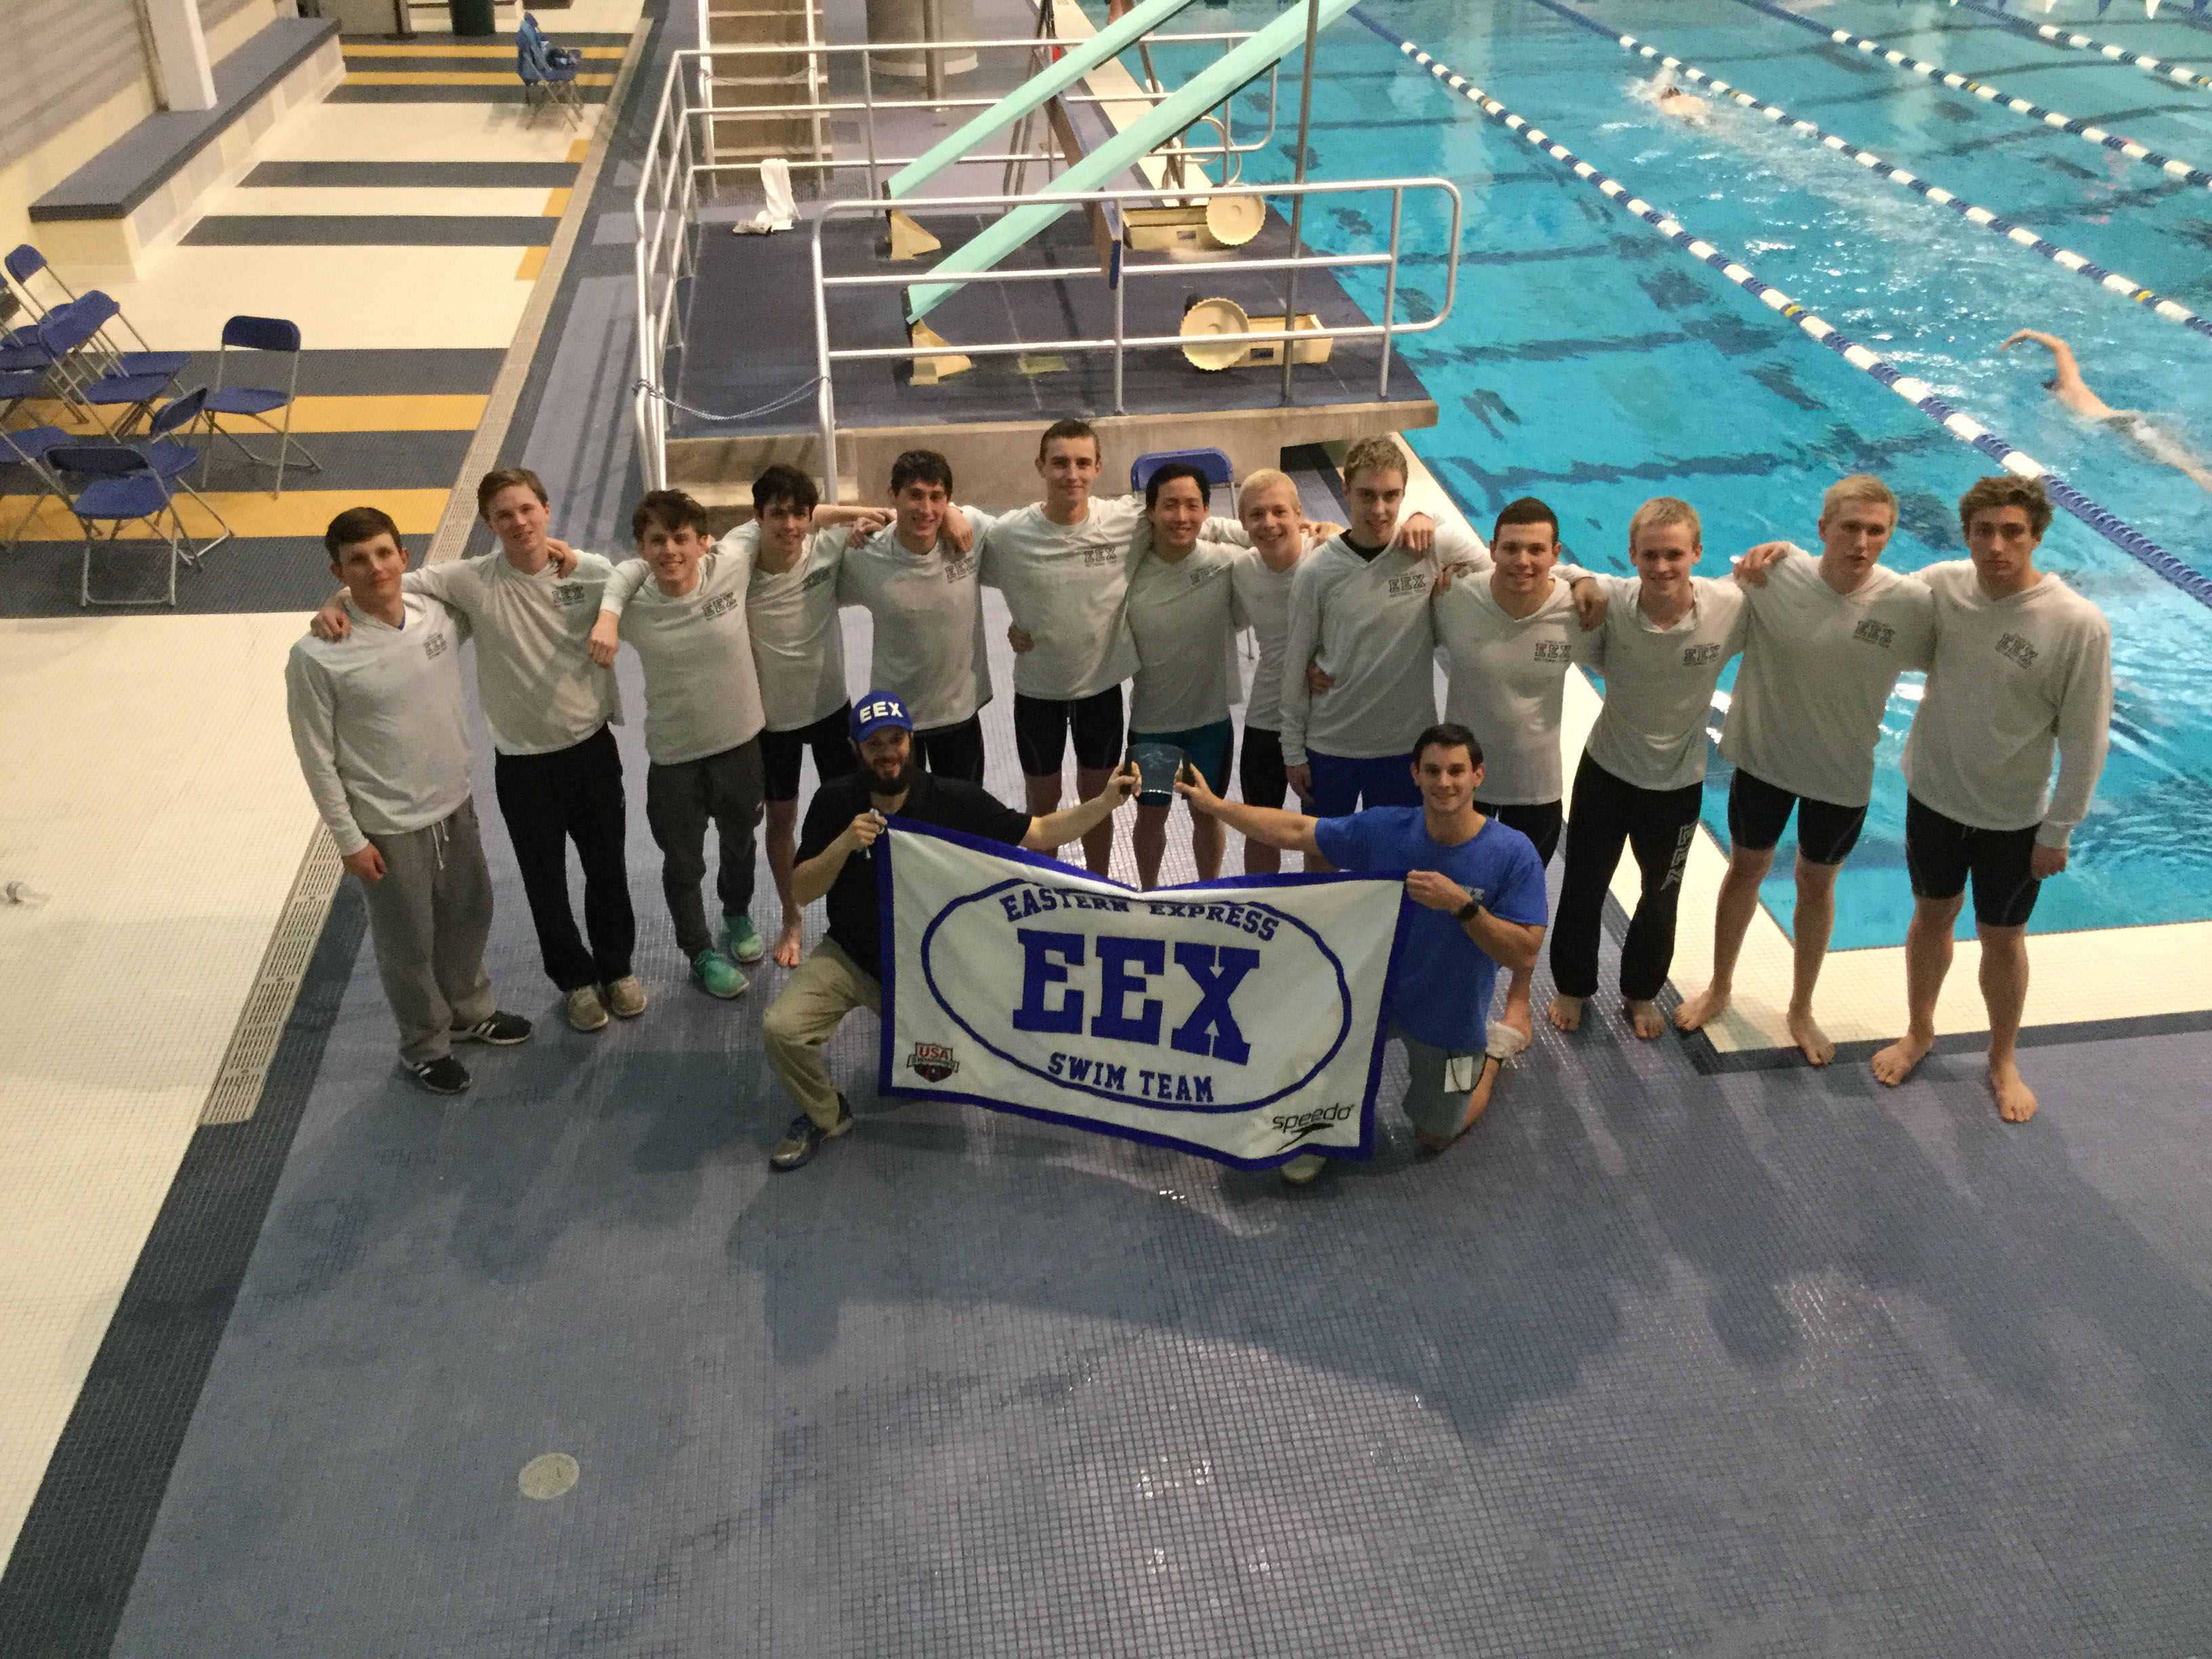 Eastern Express Swimming-Princeton, NJ